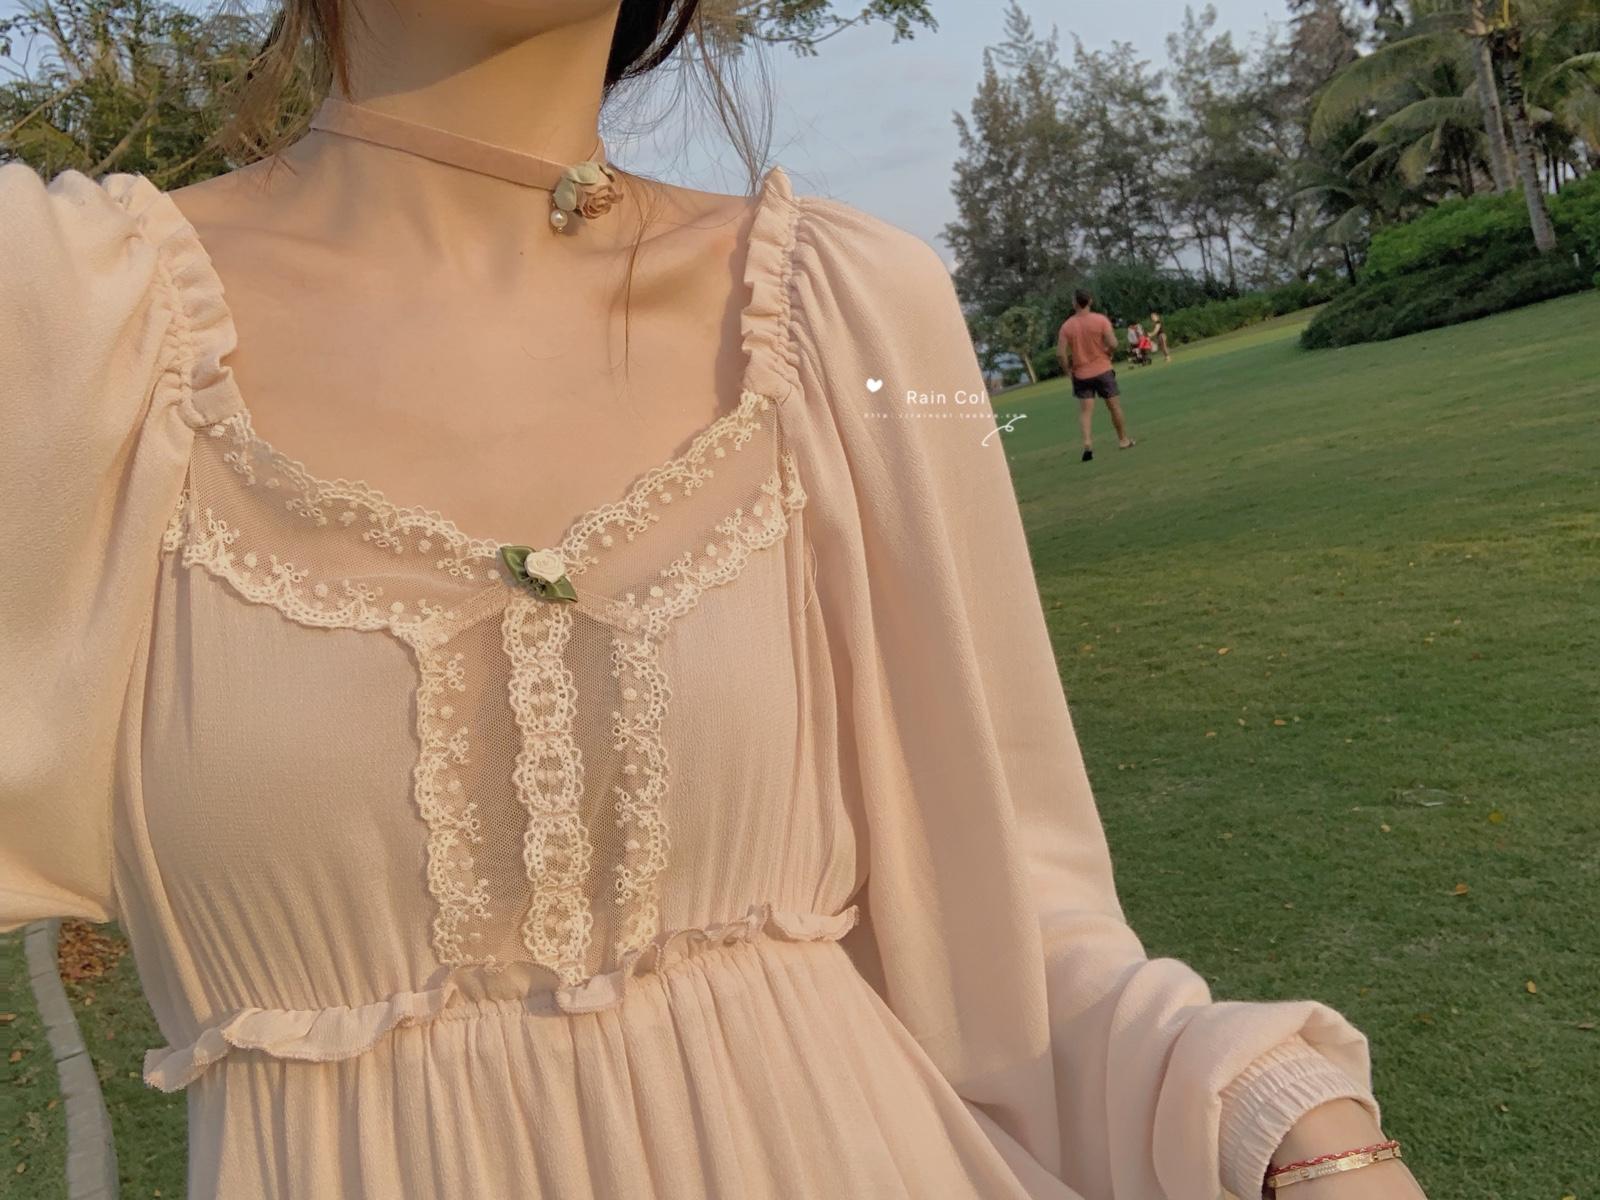 129.00元包邮【rain col】浪漫唯美的小花朵连衣裙